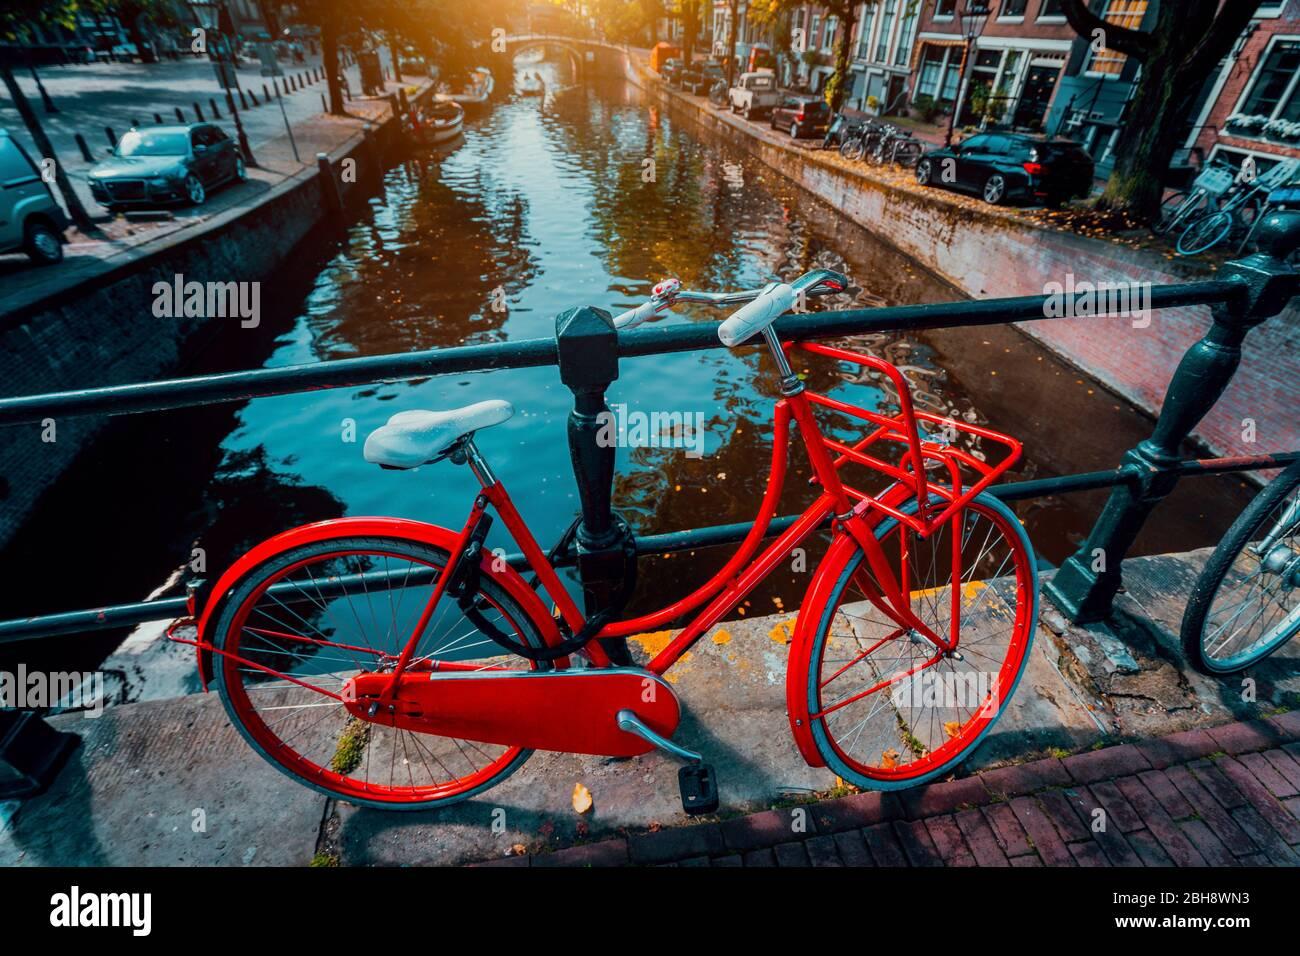 Symboles d'Amsterdam: Vélo rouge garée sur un pont, aux Pays-Bas. Romance, voyage, vacances. Concept de culture Banque D'Images